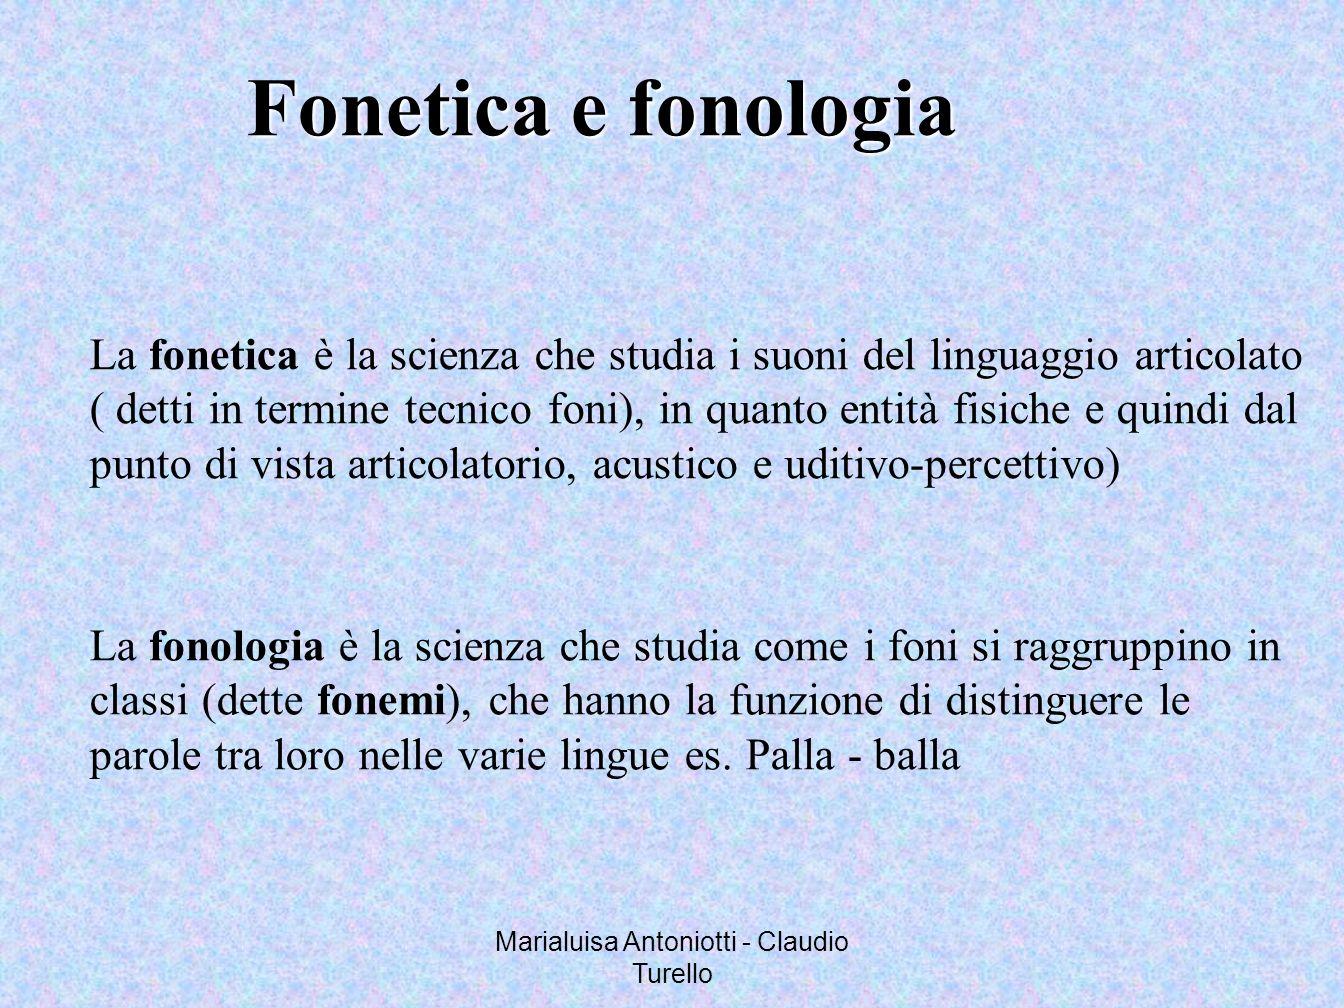 Marialuisa Antoniotti - Claudio Turello Fonetica e fonologia La fonetica è la scienza che studia i suoni del linguaggio articolato ( detti in termine